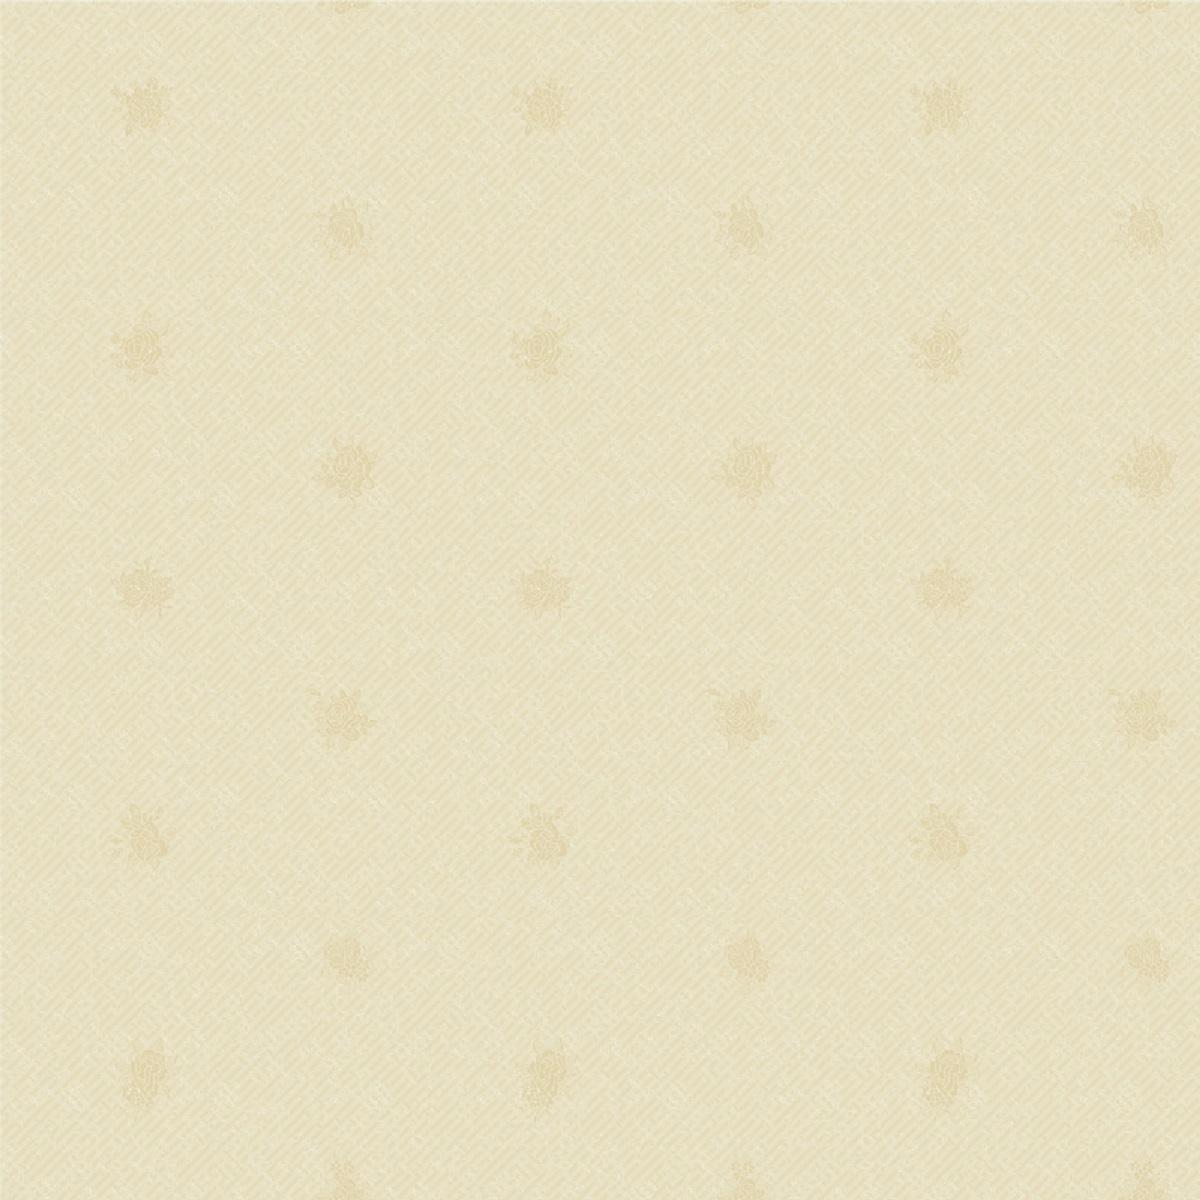 Papel De Parede Vinilico Texturizado Impermeável Durável